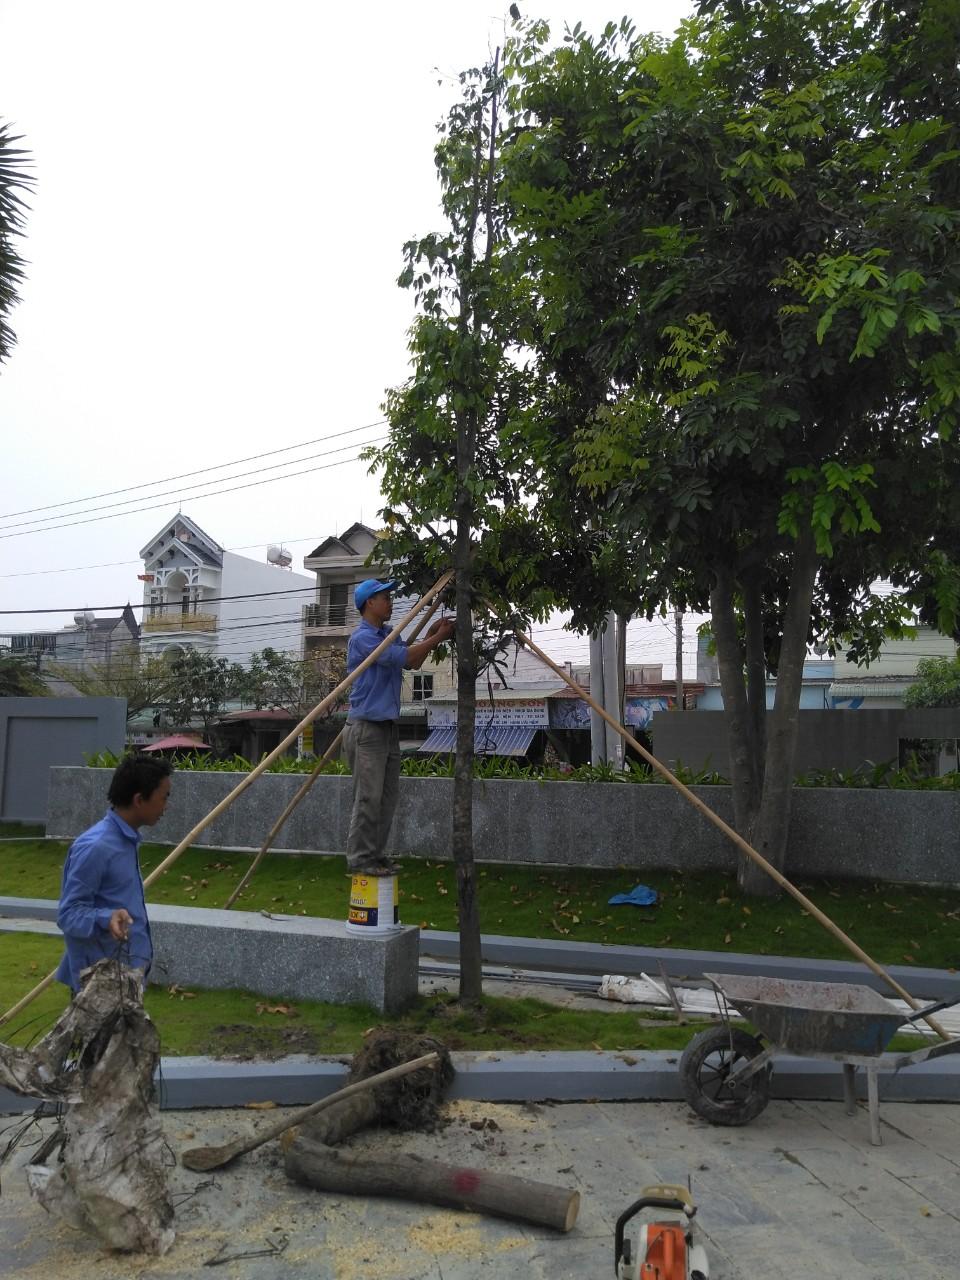 Dịch vụ trồng cỏ, cây xanh tại Thủ Dầu Một Bình Dương